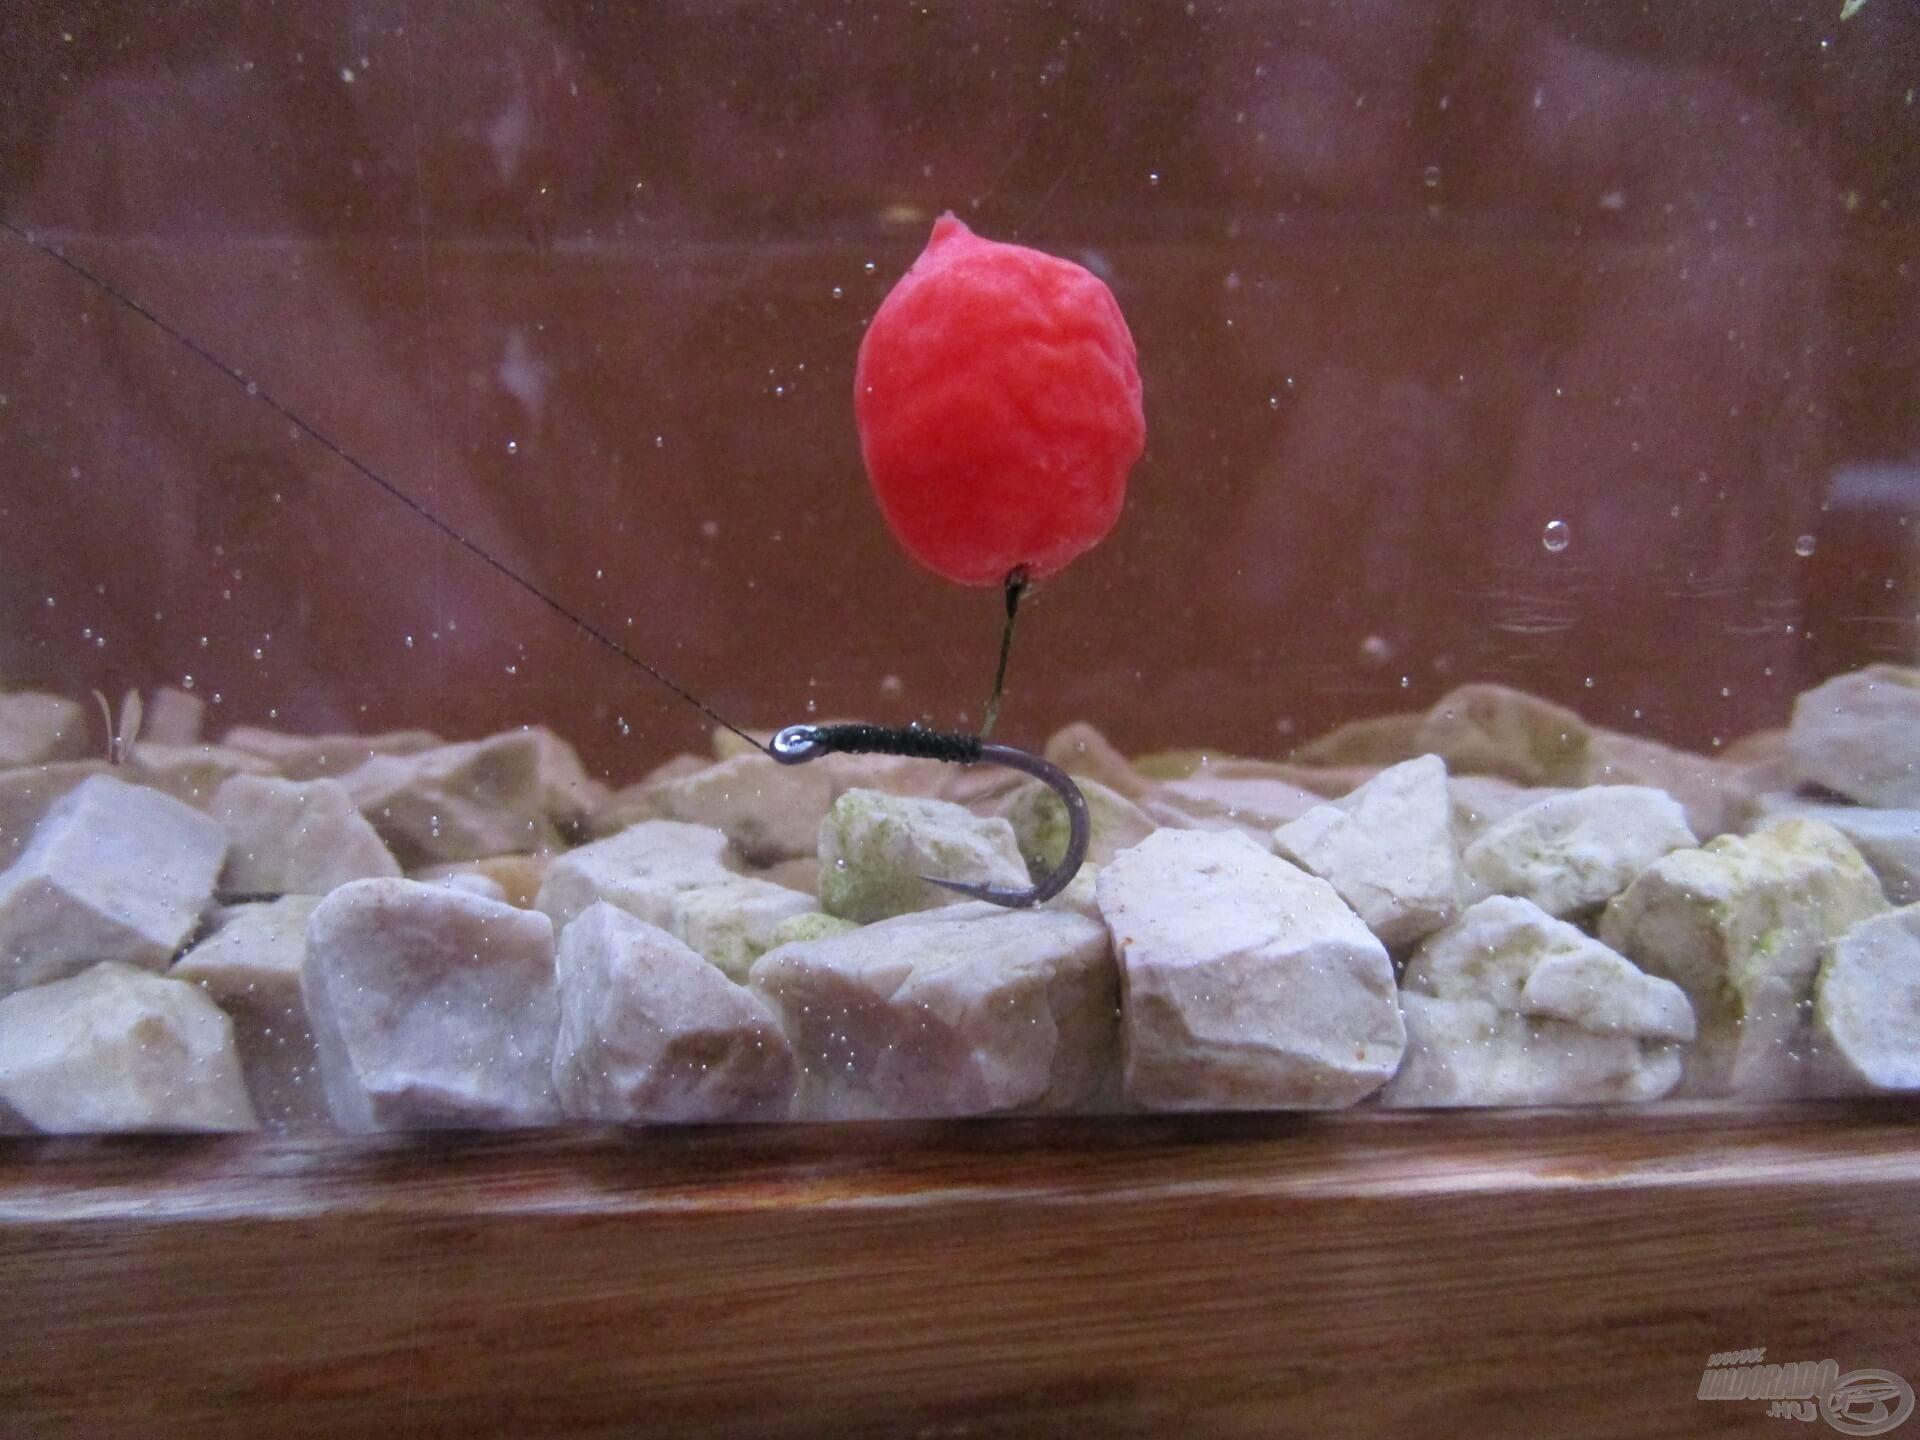 A nehezebb, 8-as méretű Korum Specimen horgot is jól kikönnyíti ez az imitáció